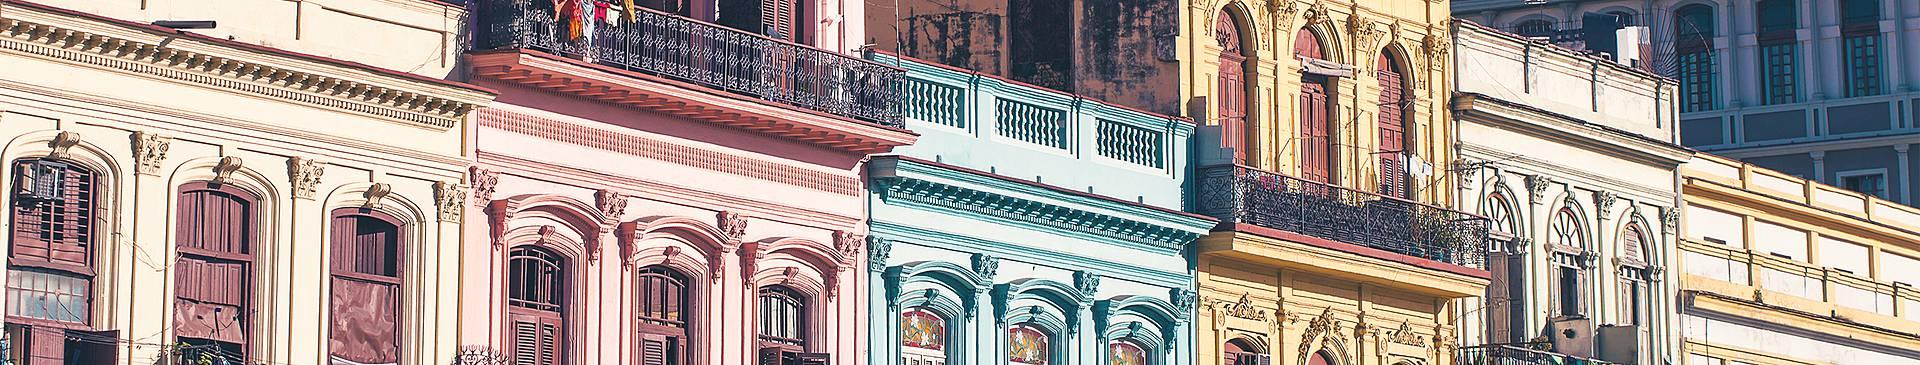 Viajes a Cuba en invierno